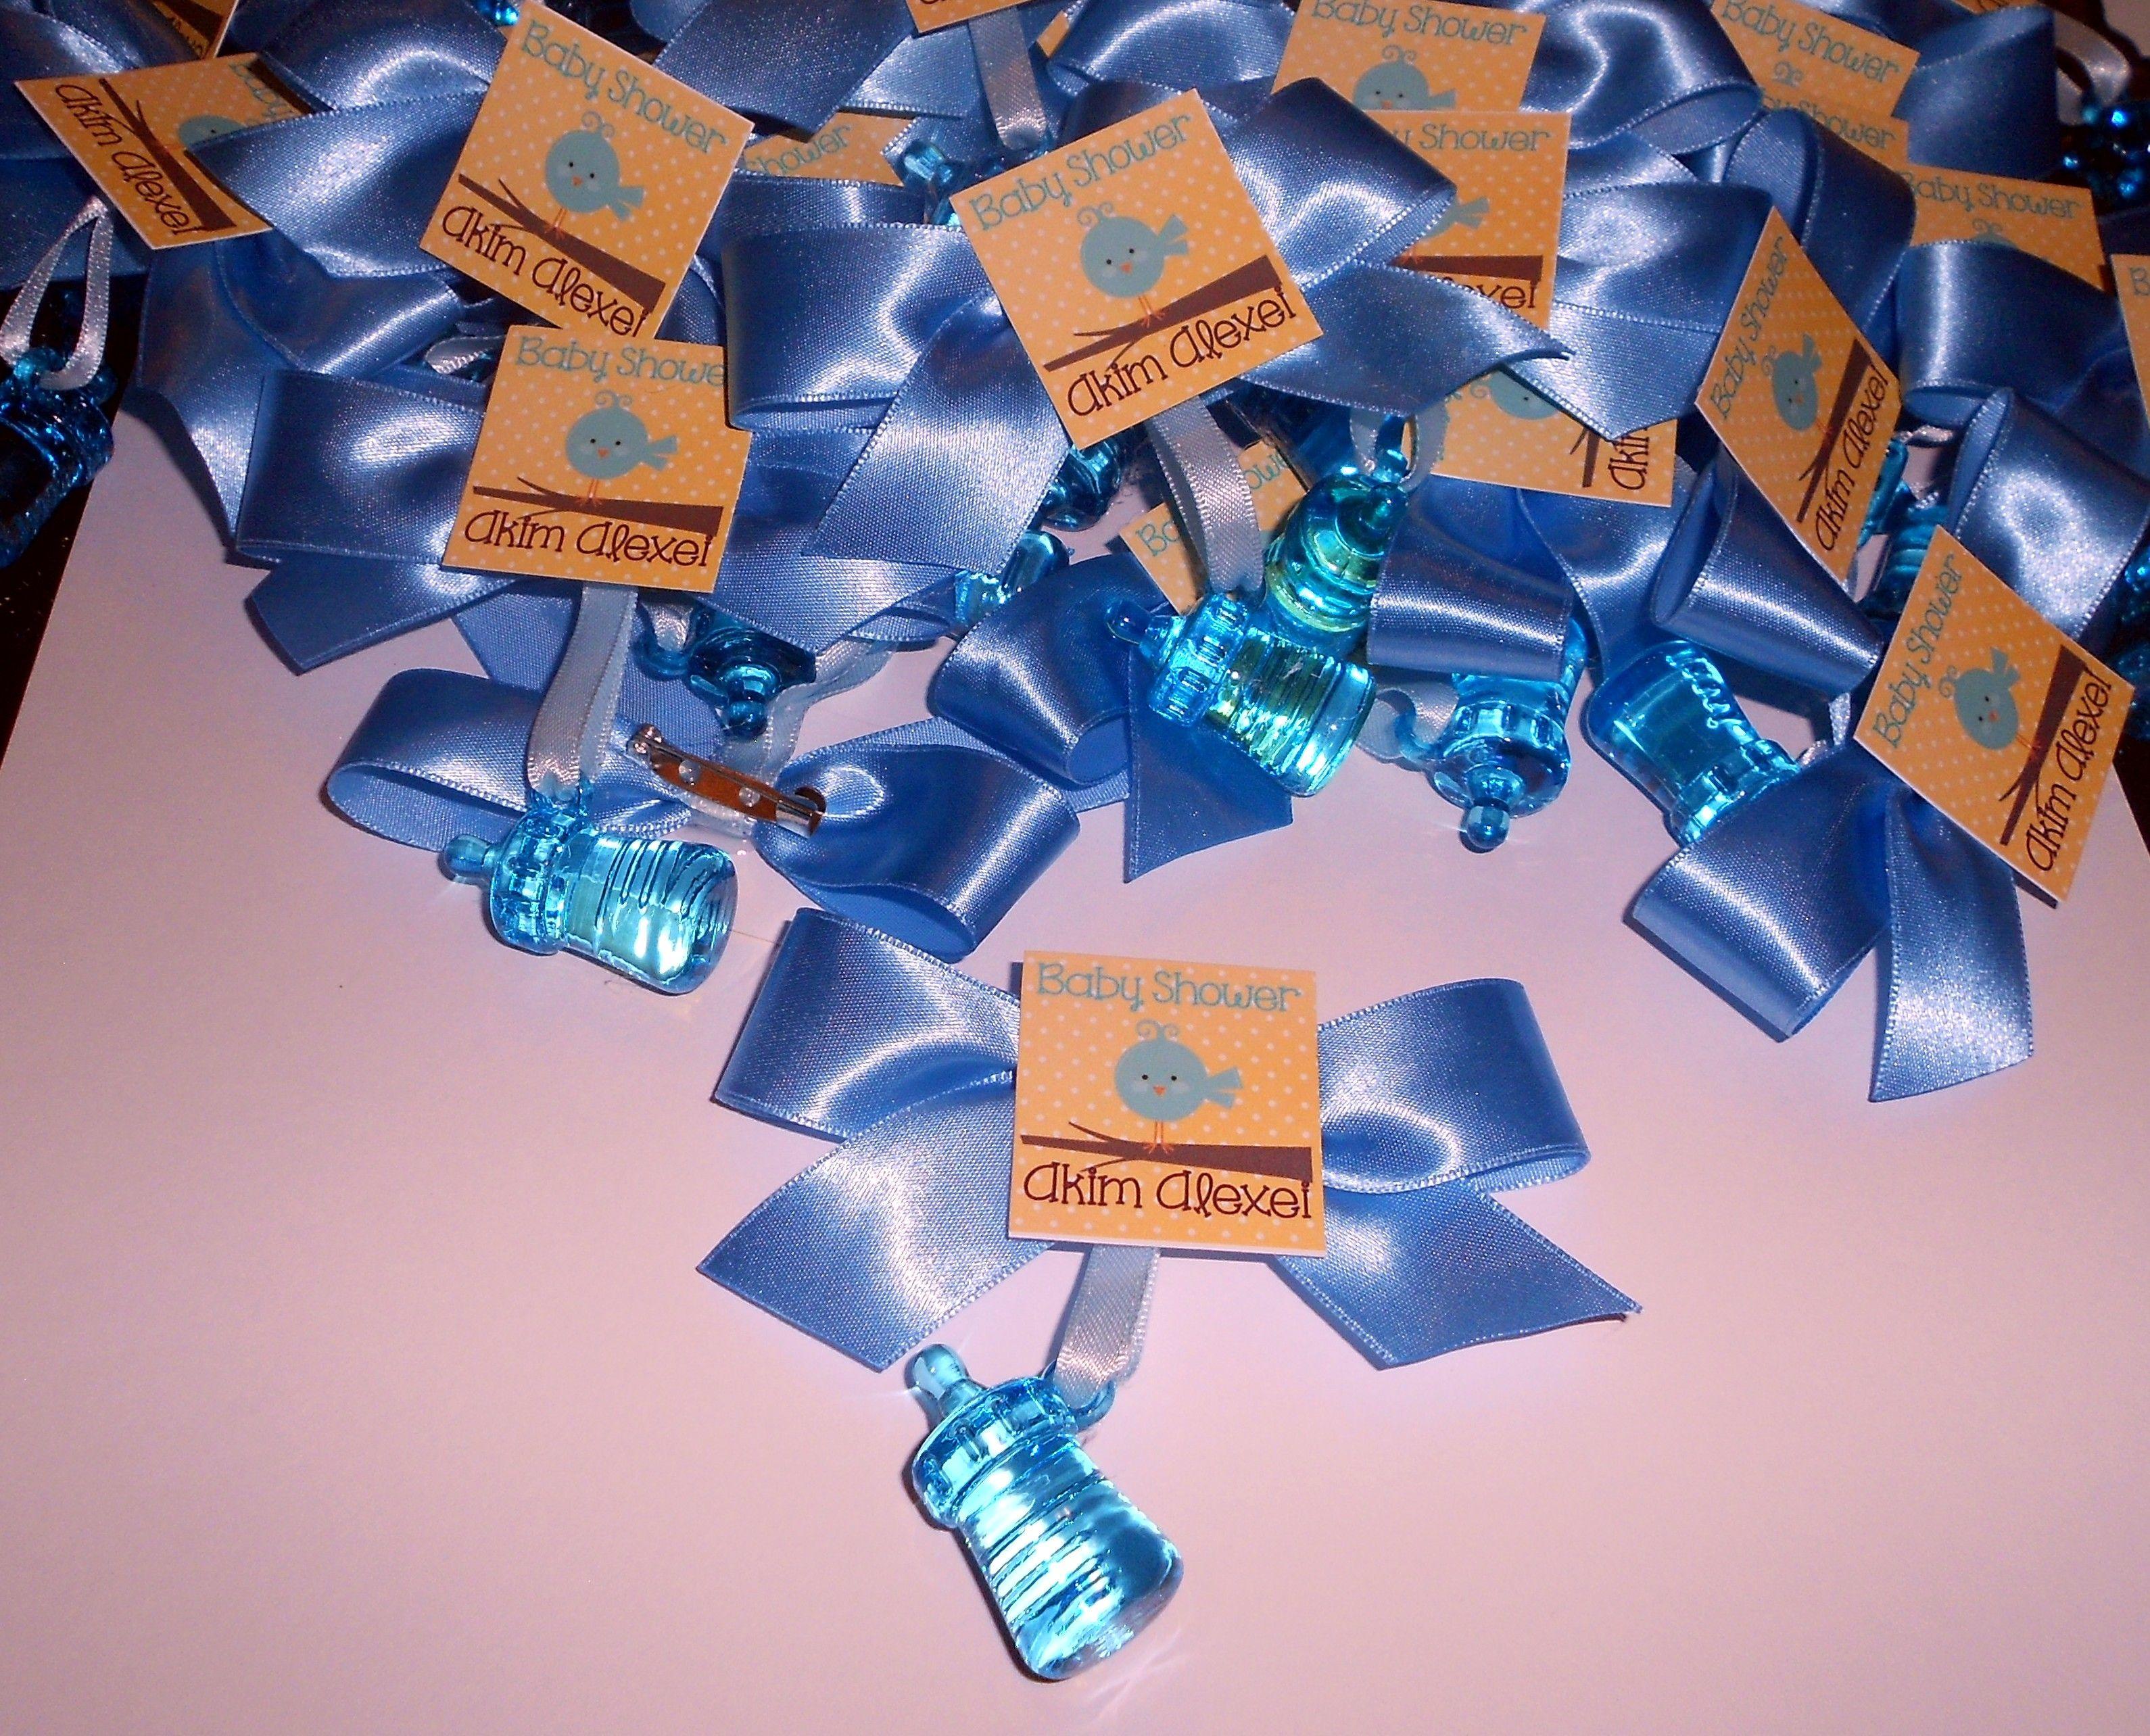 Baby Shower Temas Para Niño ~ Distintivos para baby shower en color azul con el tema de pájaros